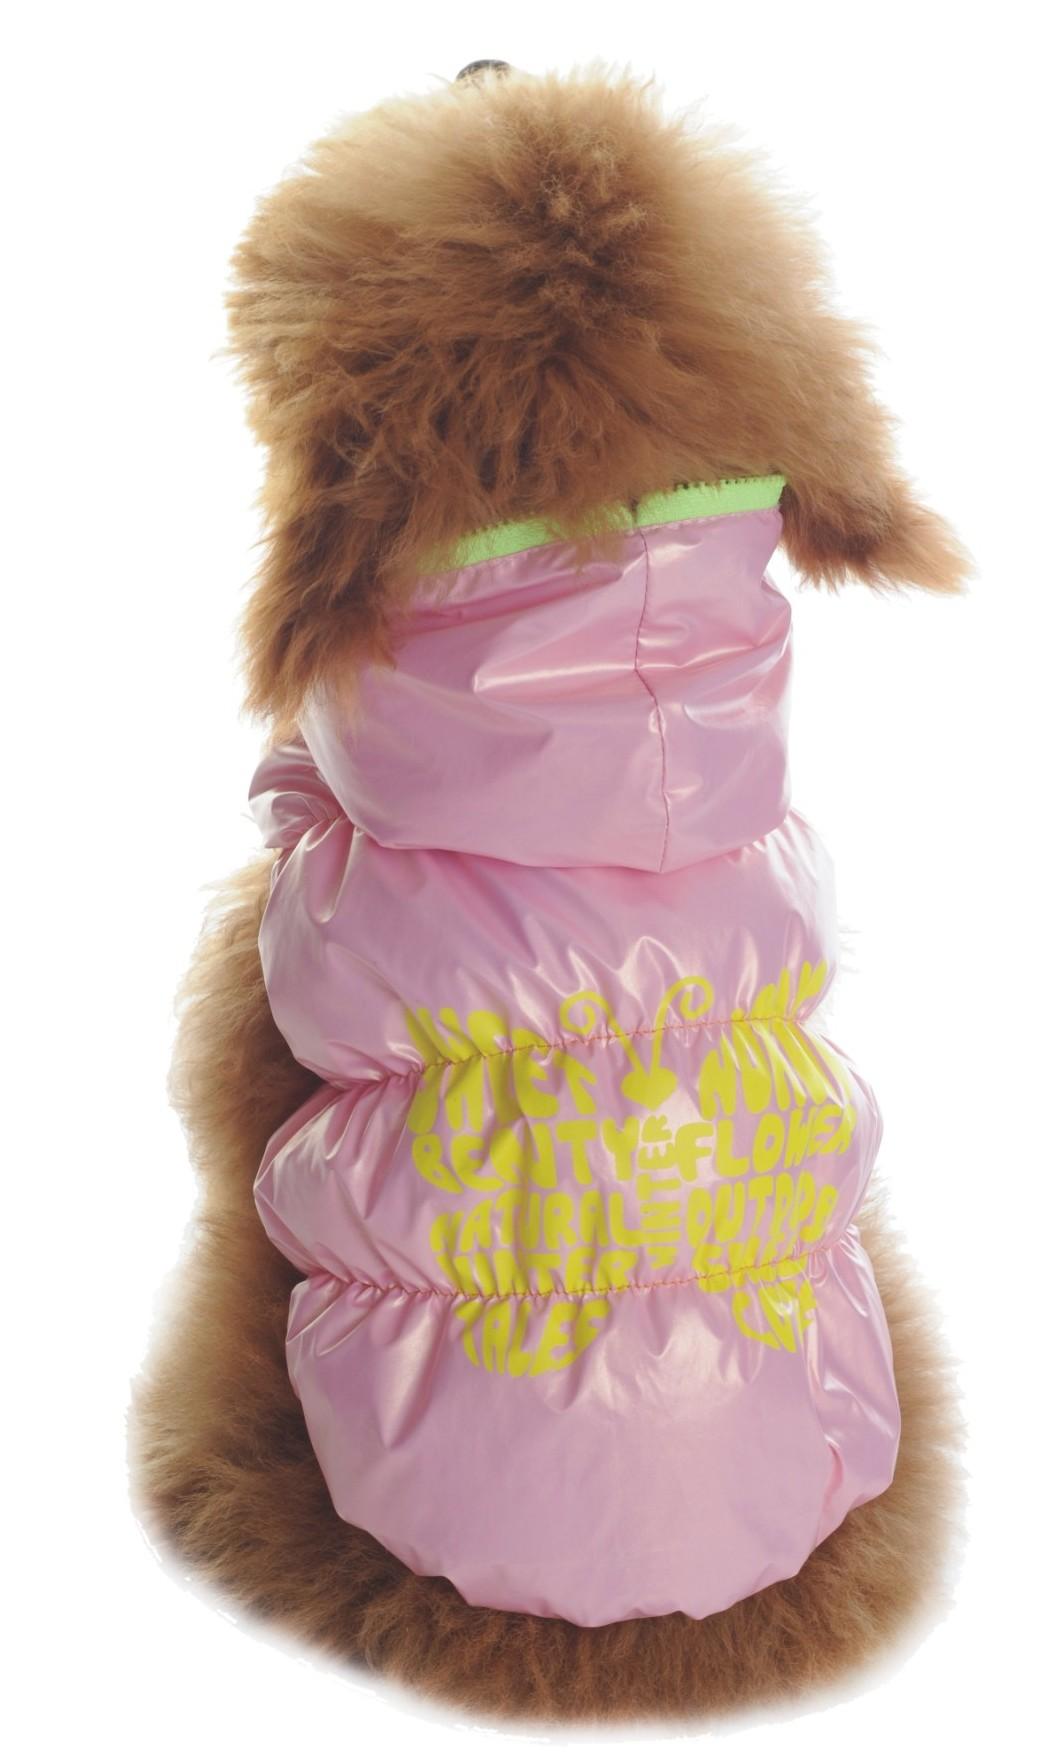 Куртка для собак Dobaz, утепленная, цвет: розовый перламутр. ДА1127АС/п. Размер SДА1127АС/пМягкая теплая болоневая курточка Dobaz предназначена для использования в прохладную ветреную погоду. Отлично защищает собаку в от холода. Толстовку можно быстро надеть и снять, что делает ее идеальной для согревания активных мышц собак до и после прогулки или тренировки.Обхват шеи: 23 см.Обхват груди: 36 см.Длина спинки: 23 см.Одежда для собак: нужна ли она и как её выбрать. Статья OZON Гид